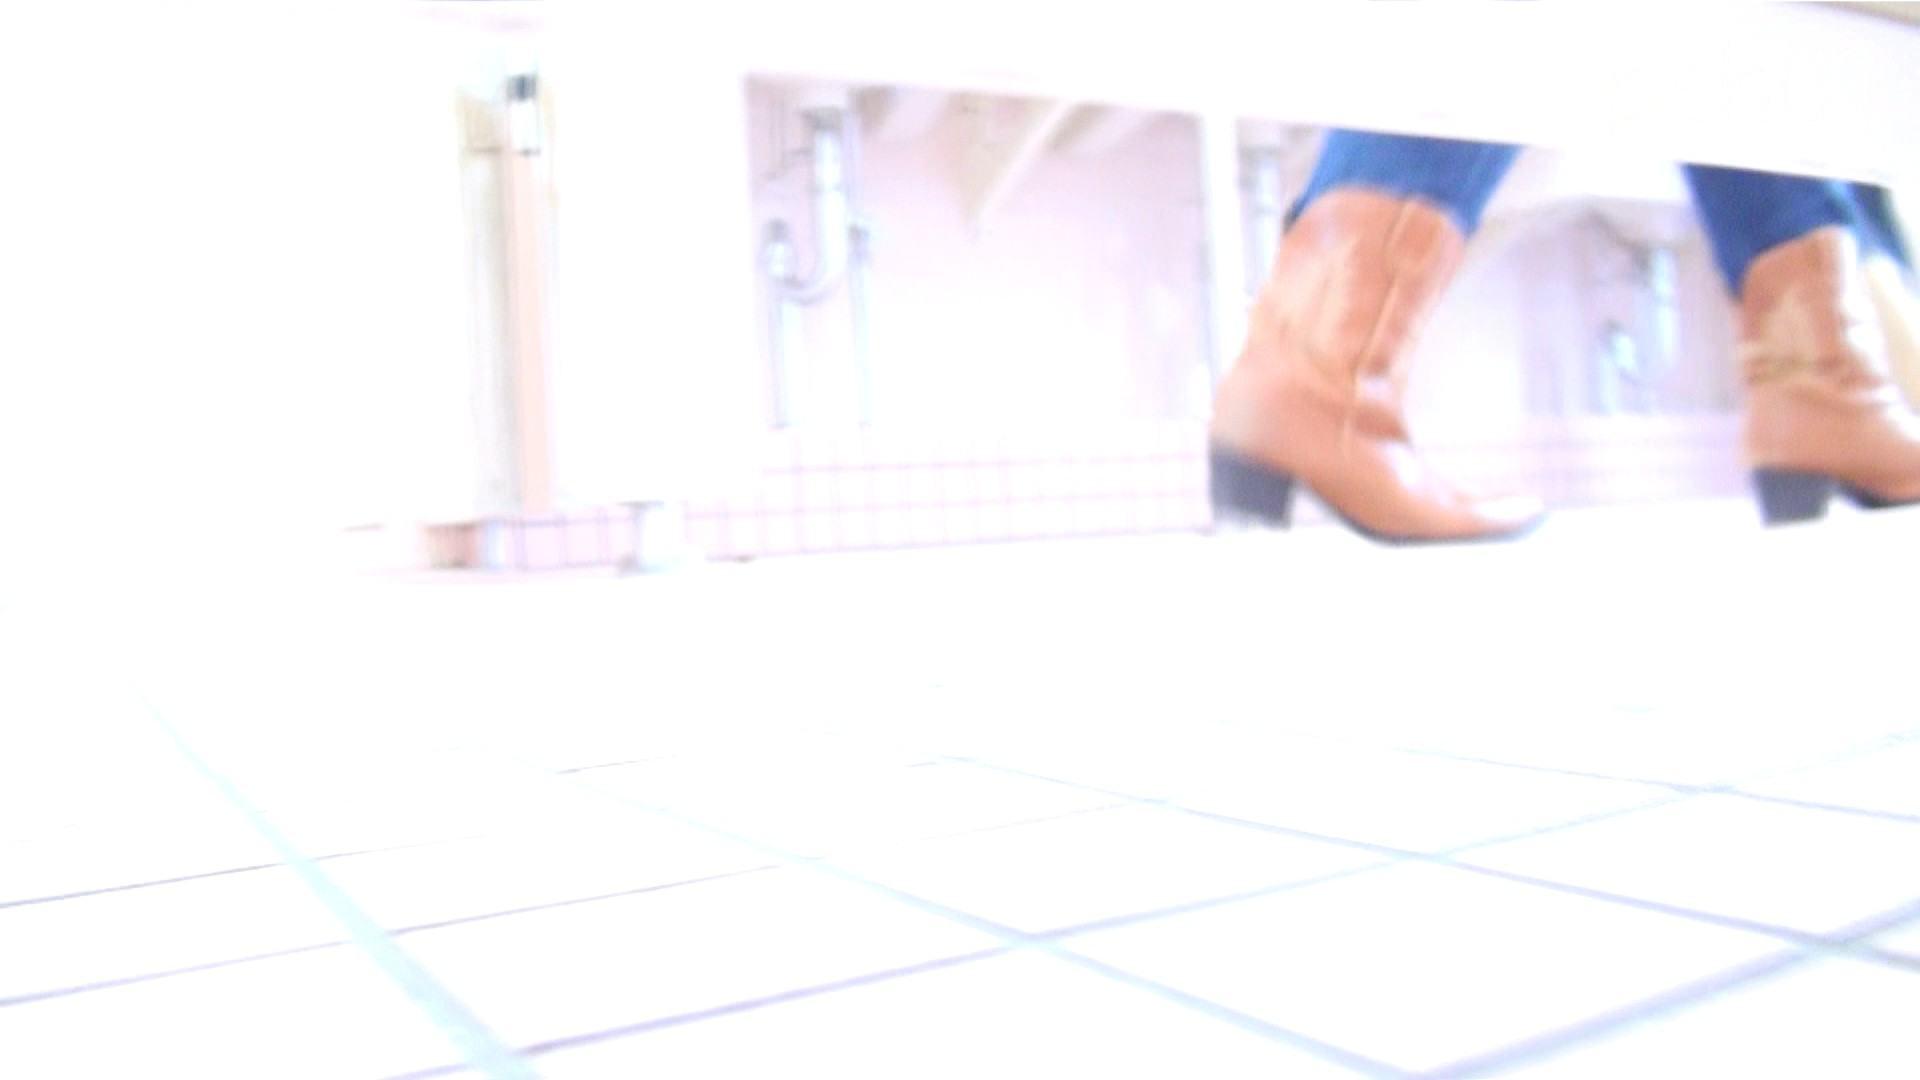 ▲復活限定▲ハイビジョン 盗神伝 Vol.1 お姉さん攻略 オメコ無修正動画無料 51画像 44